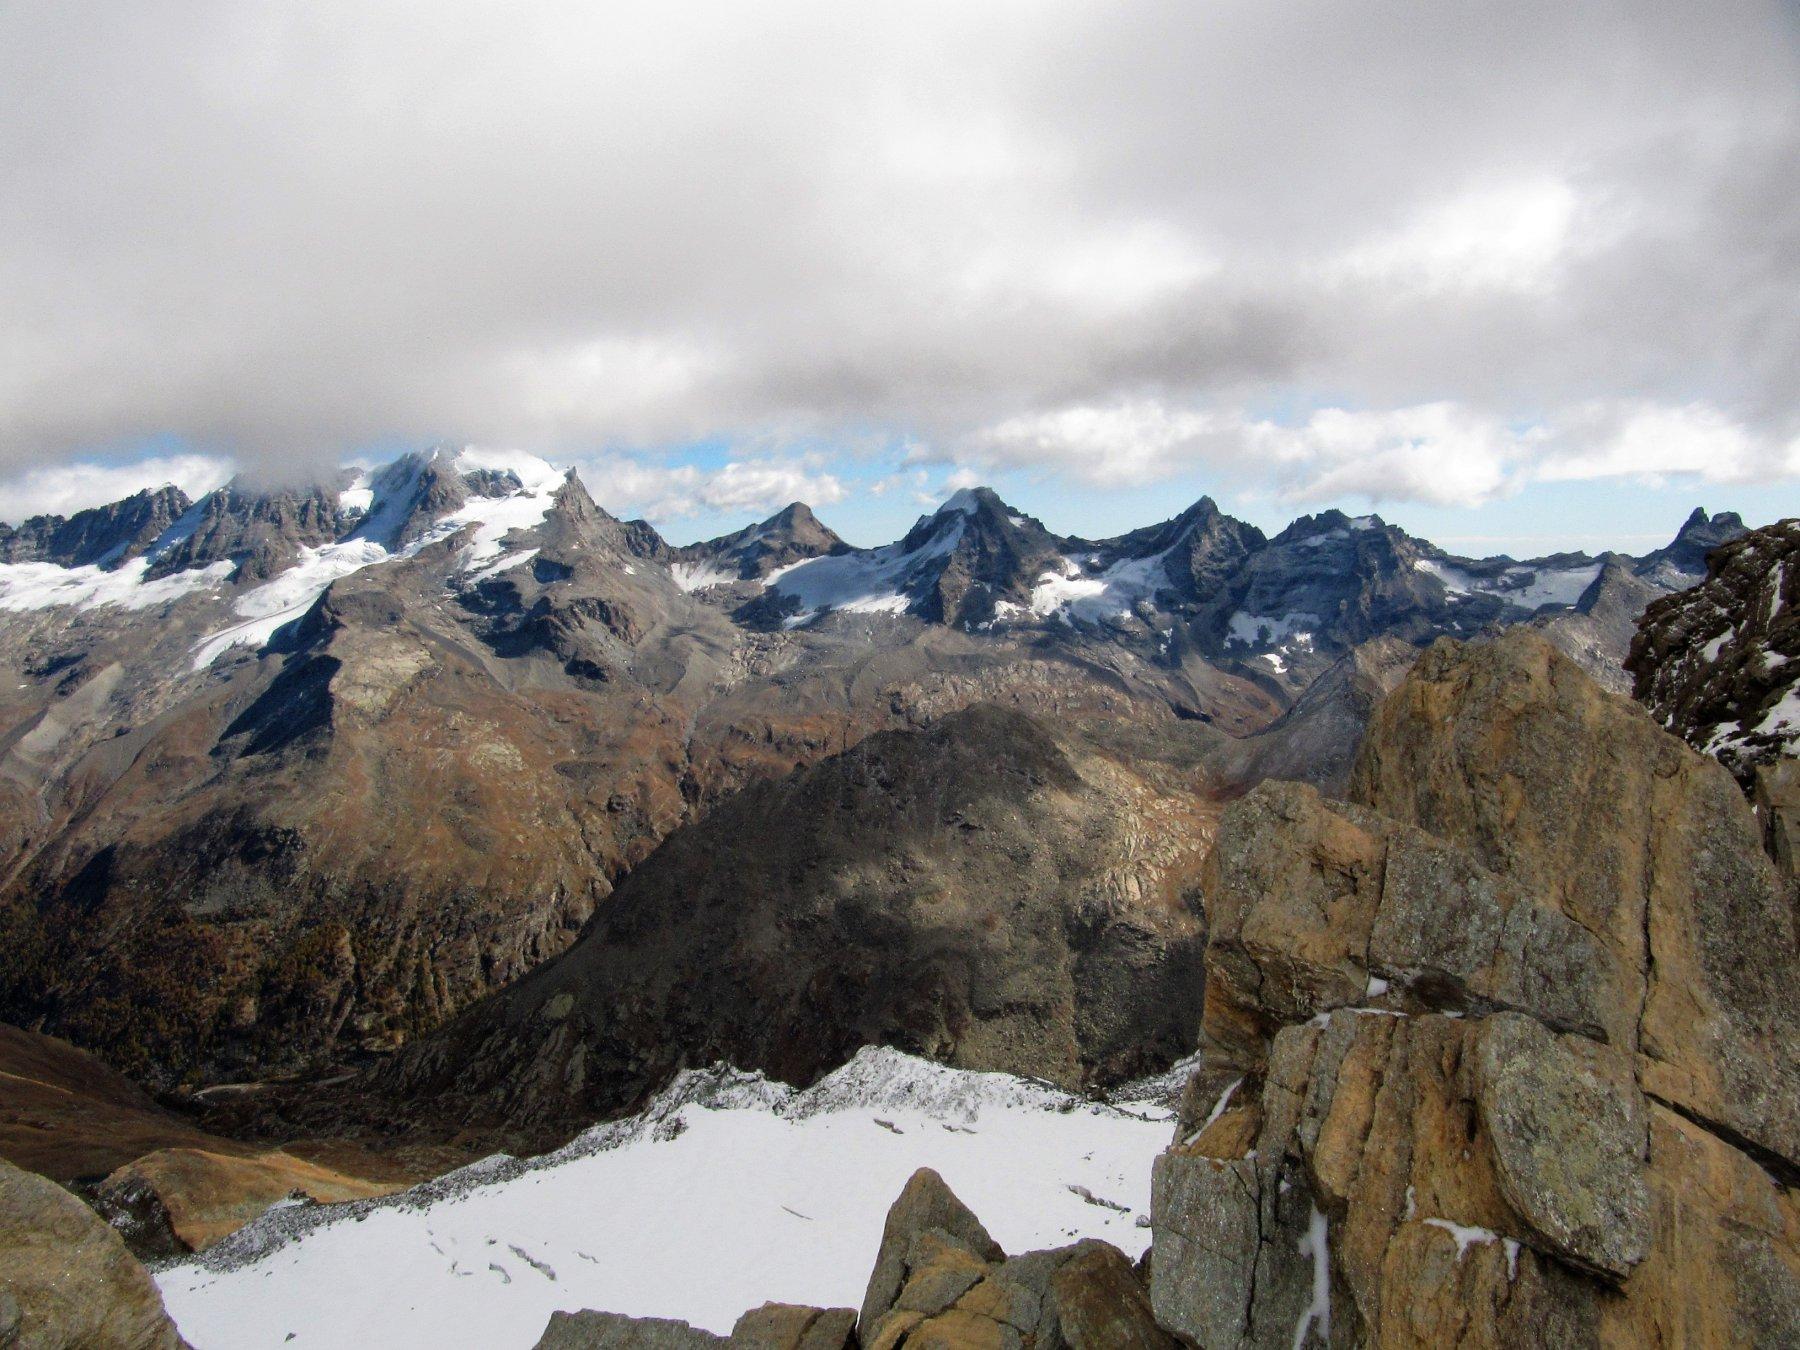 Dalla Vetta panorama sul Gruppo del Gran Paradiso